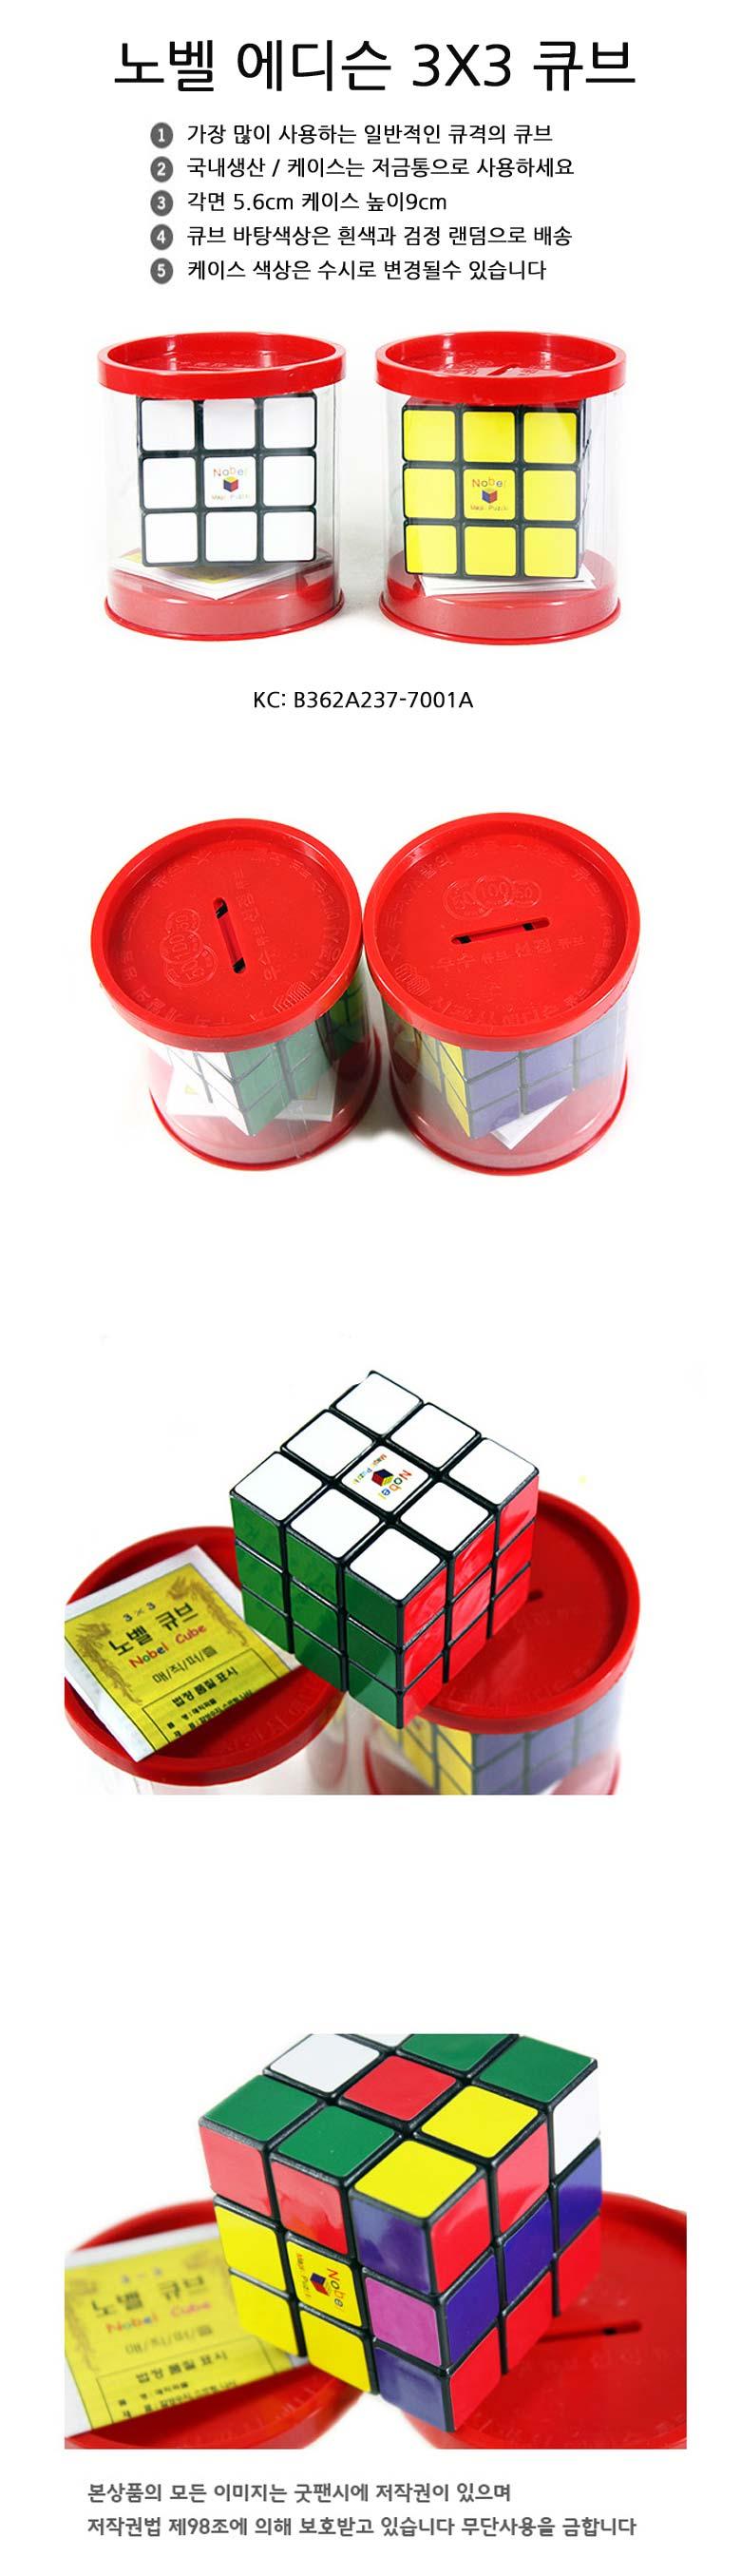 신광사 노벨 에디슨 3X3큐브 - 굿팬시, 3,000원, 조각/퍼즐, 큐브